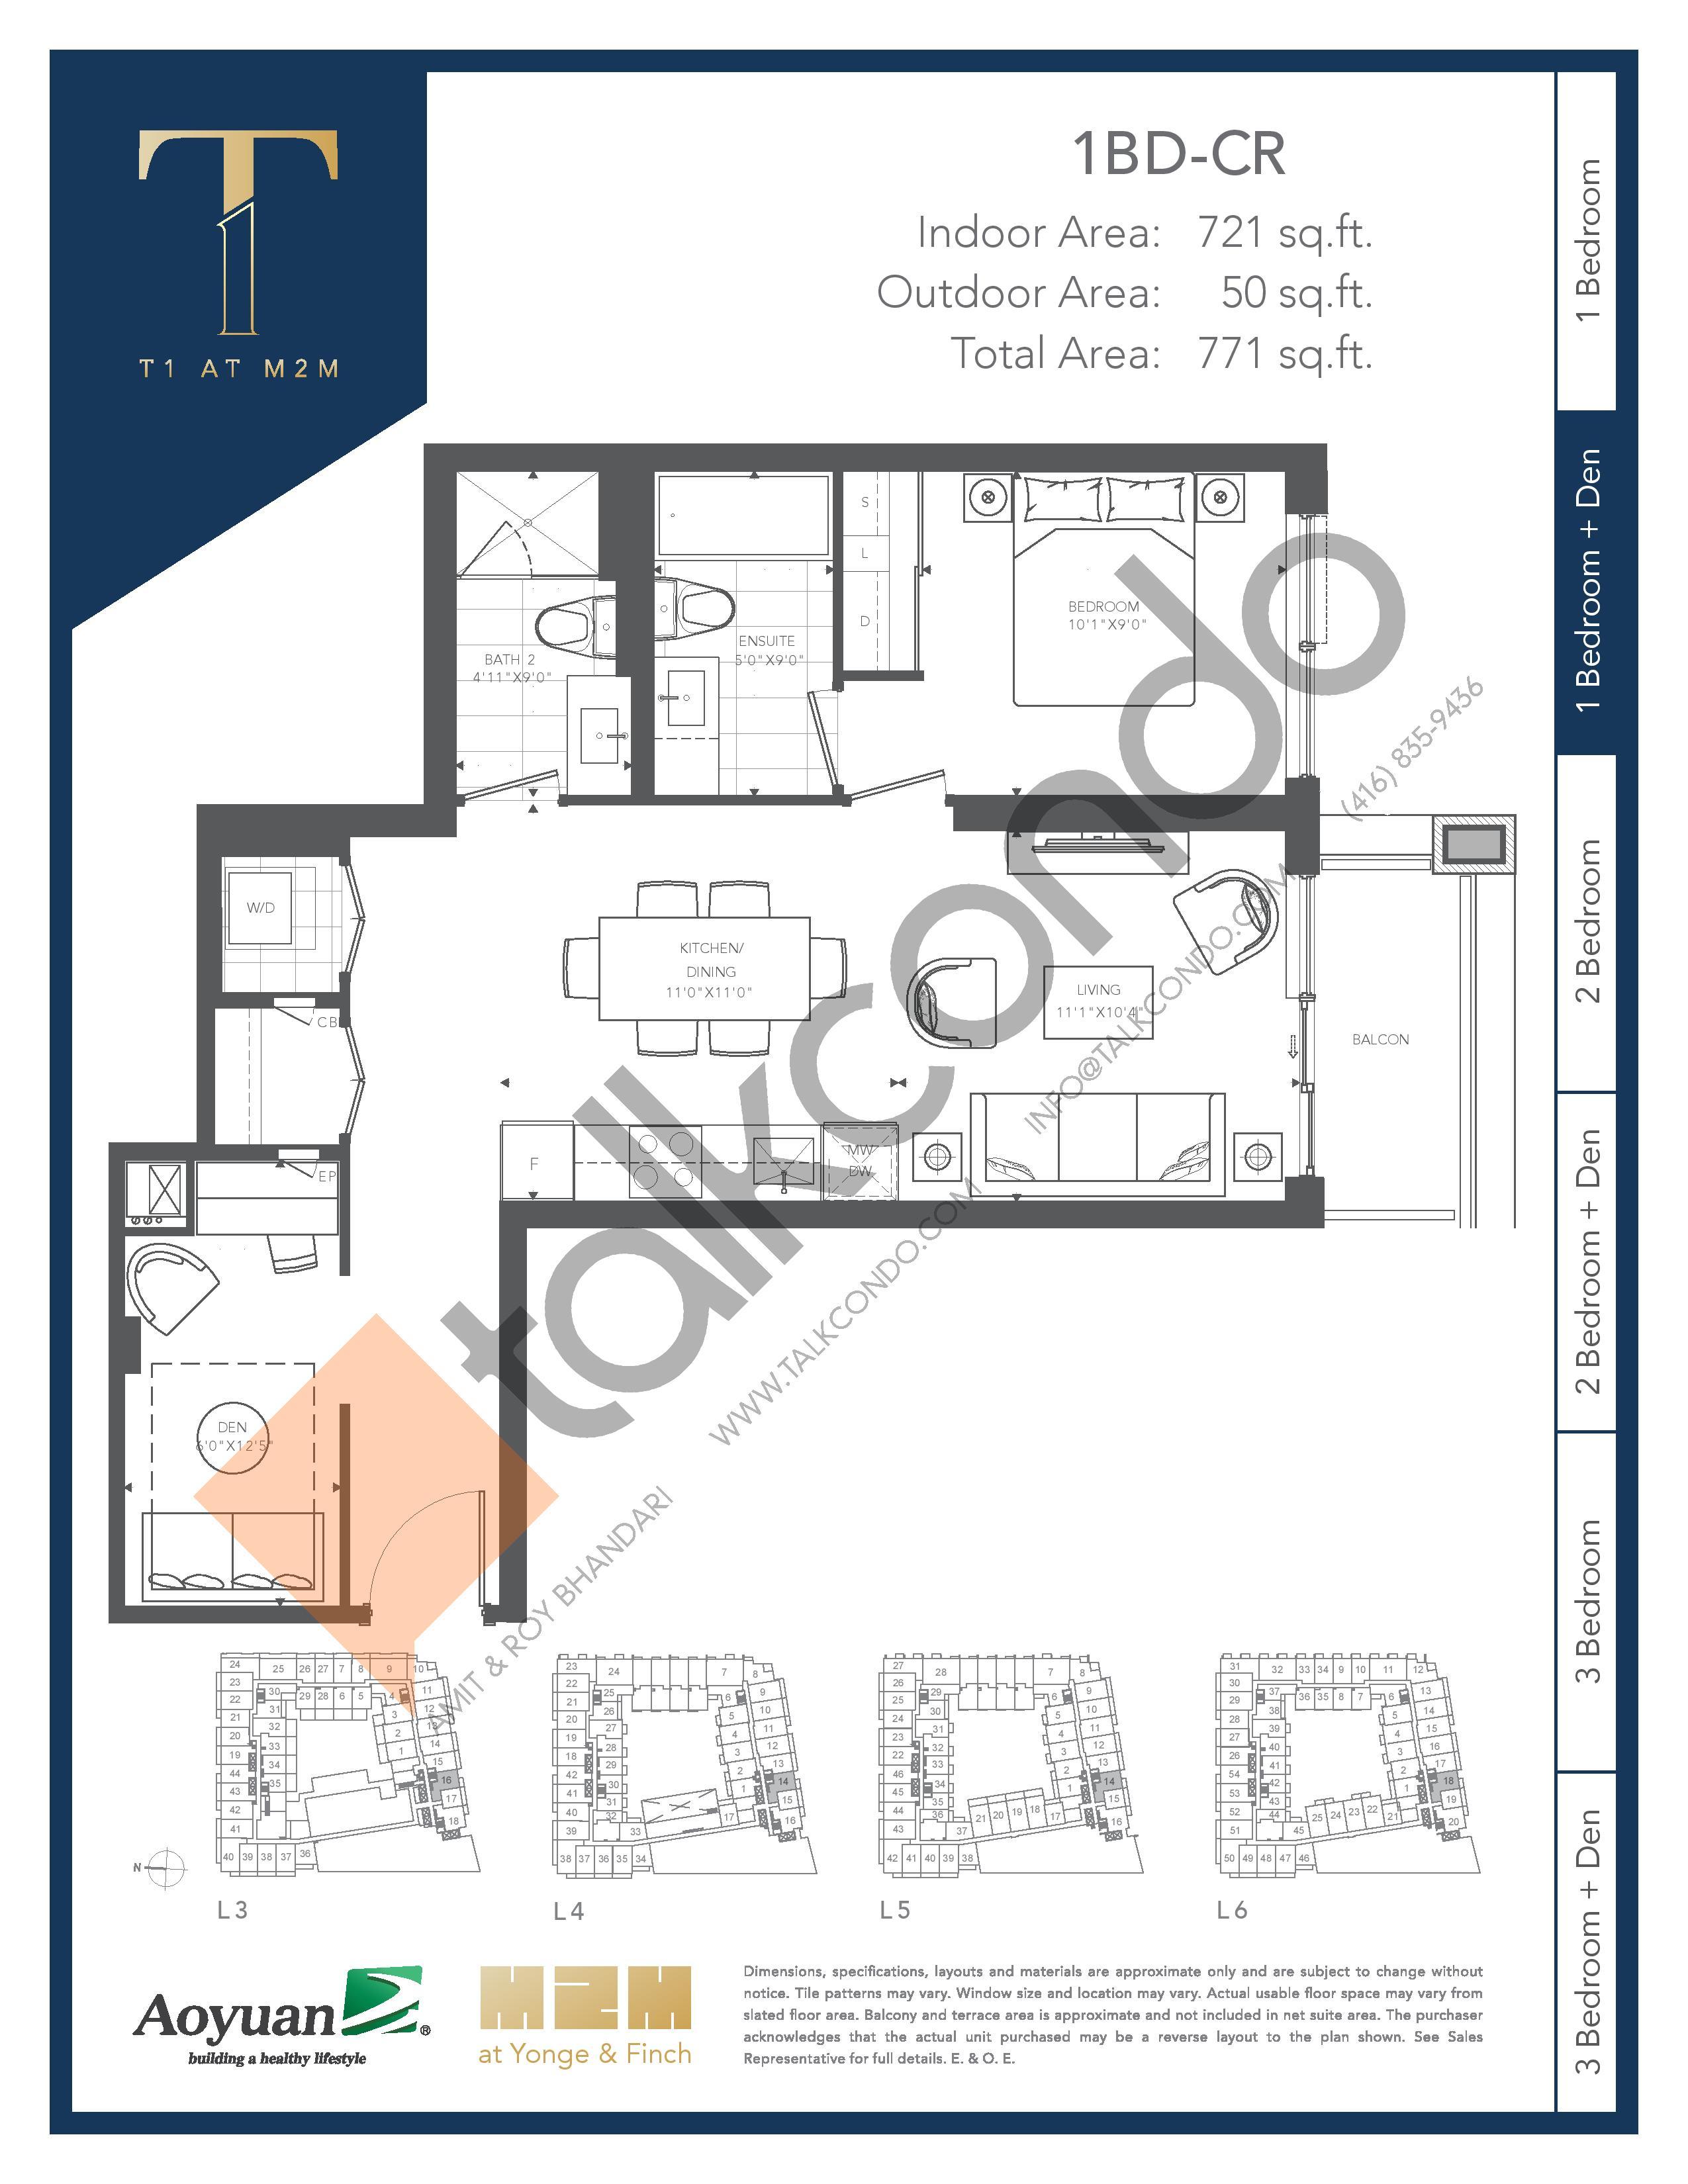 1BD-CR Floor Plan at T1 at M2M Condos - 721 sq.ft